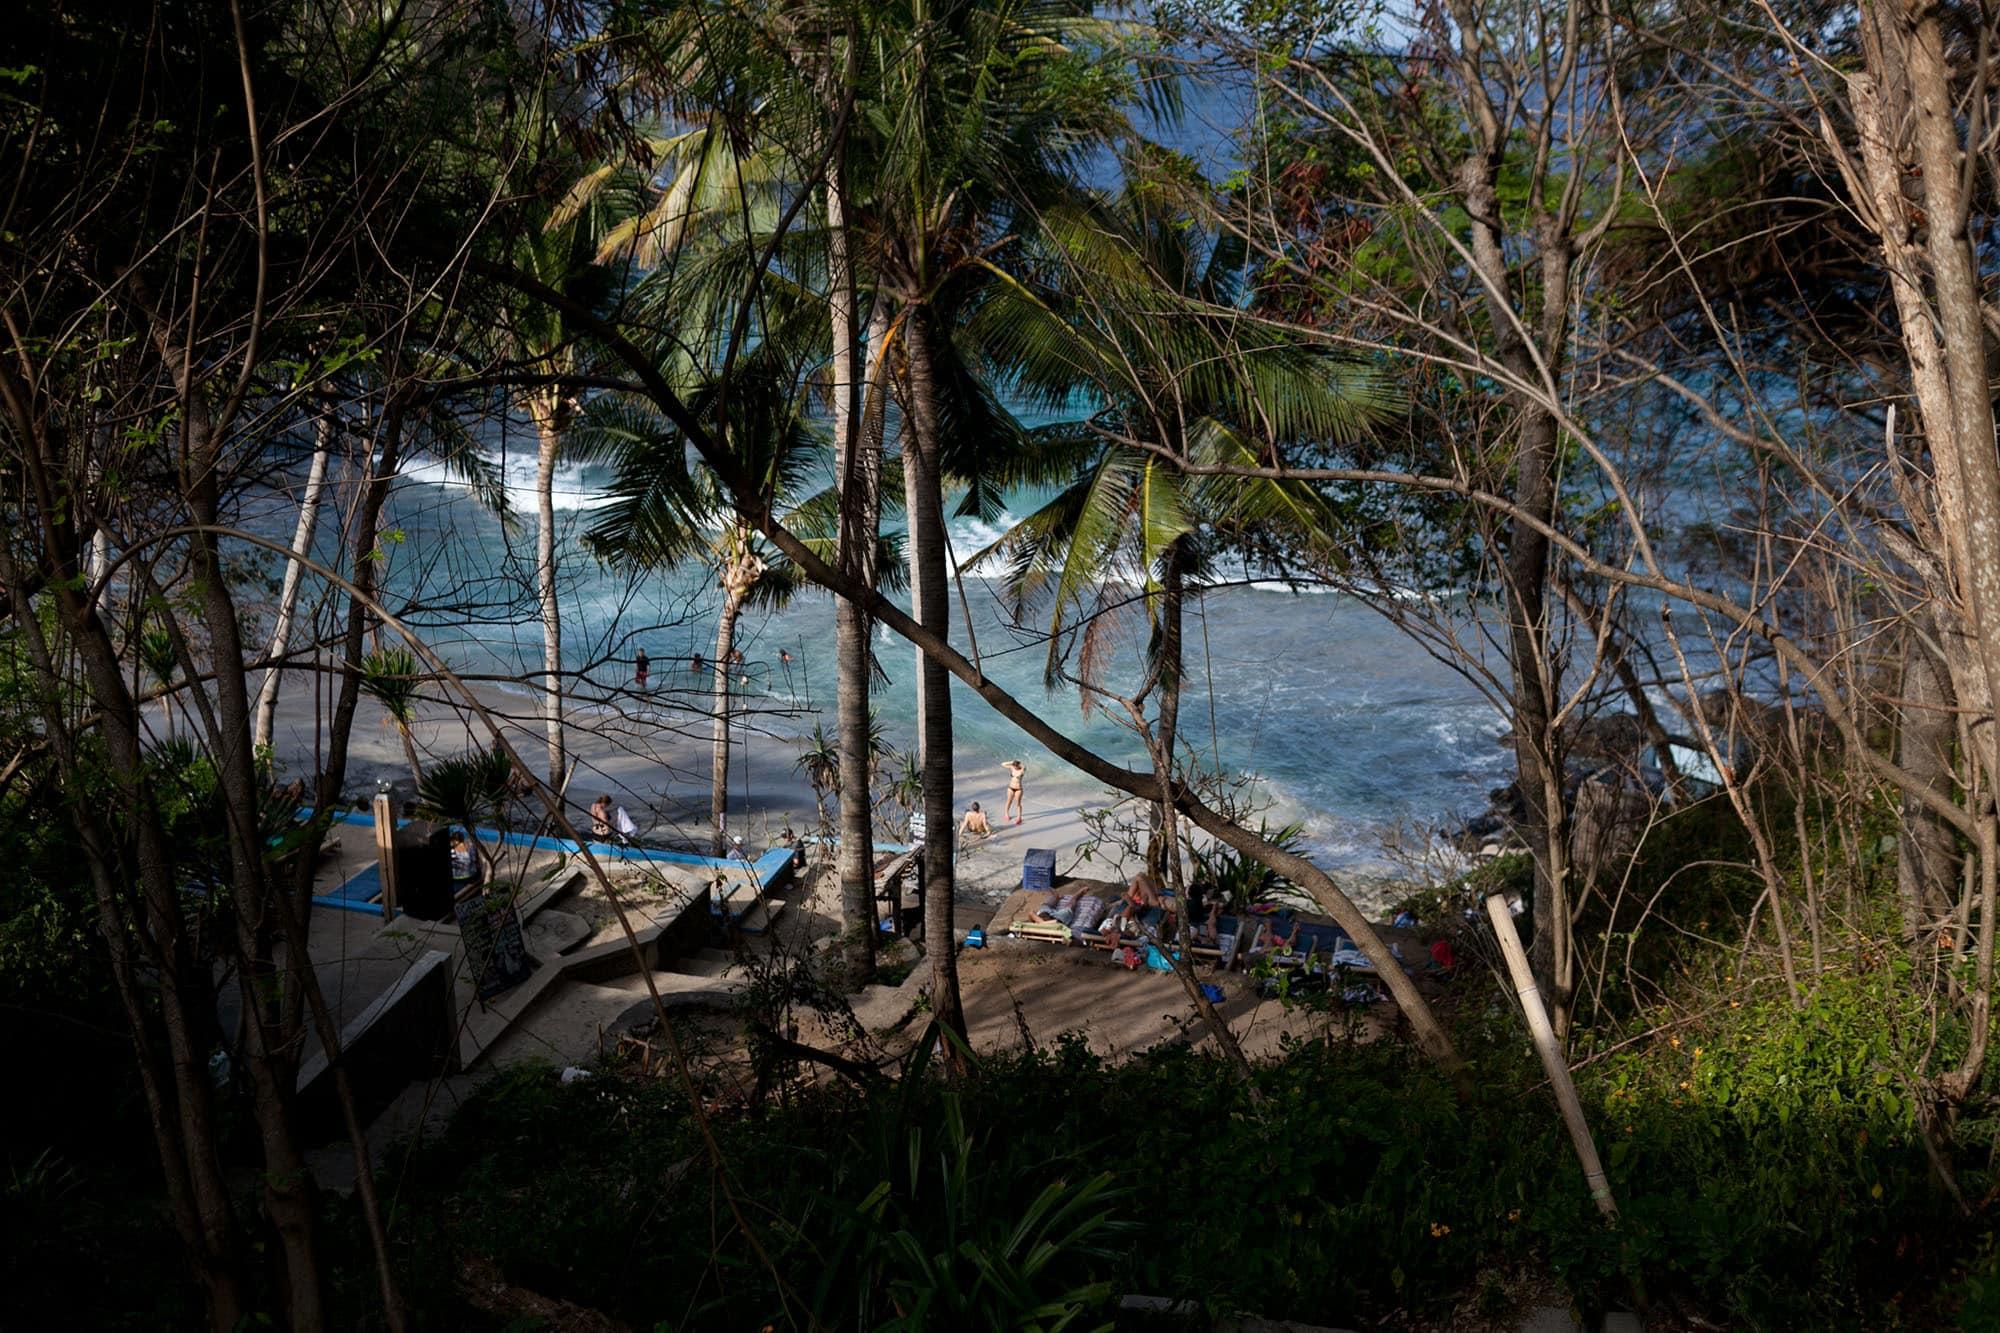 Blue Lagoon in Padang Bai, Bali, Indonesia.